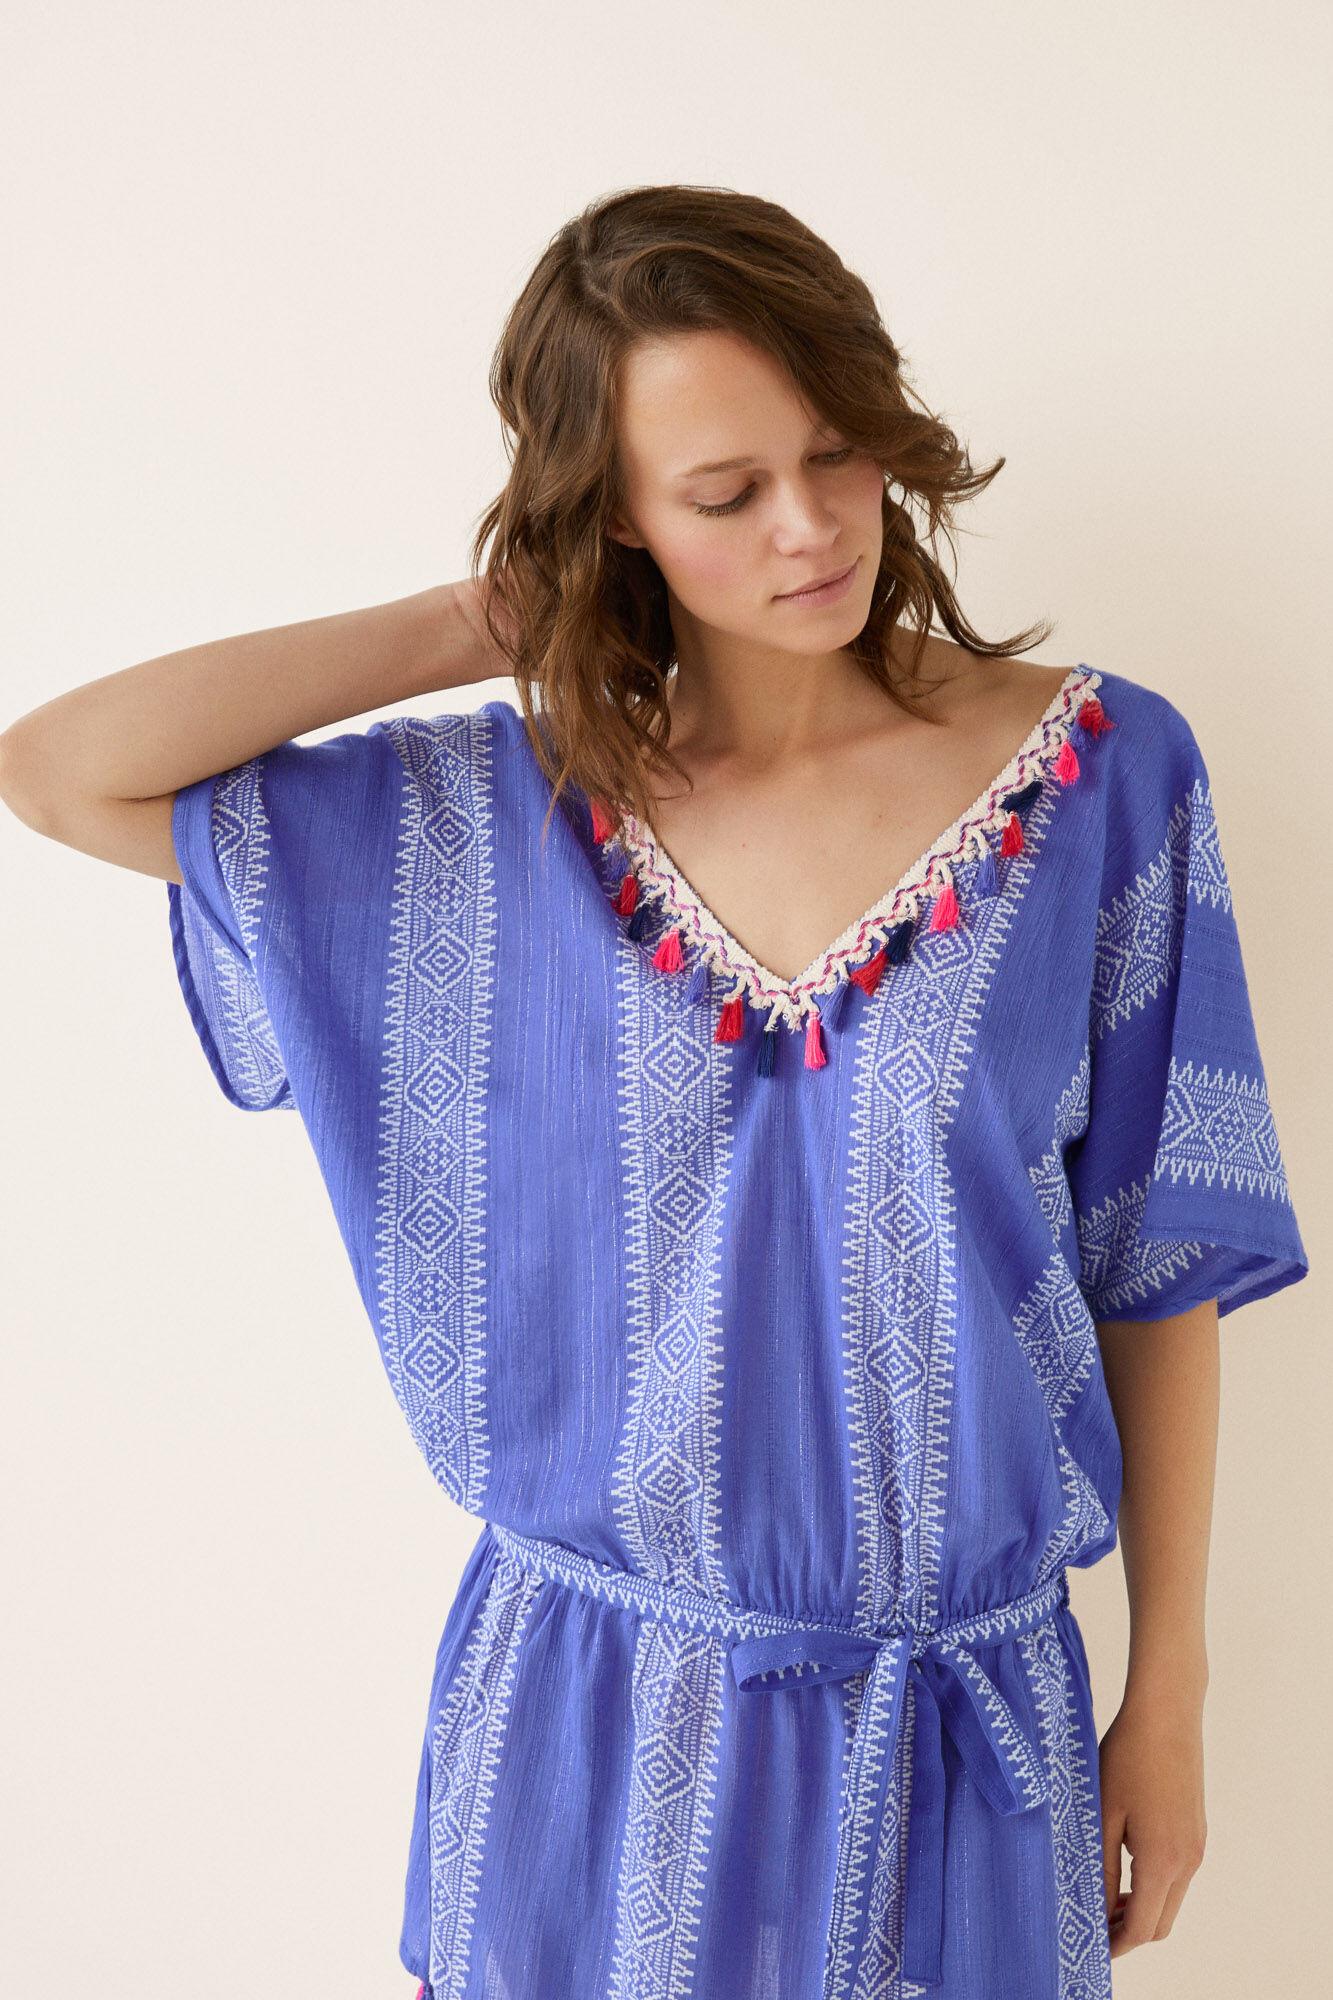 7c16dc45a44 Womensecret túnica corta estampada con borlas estampado jpg 600x900 Blusa  bata tunicas ropa blanco playa